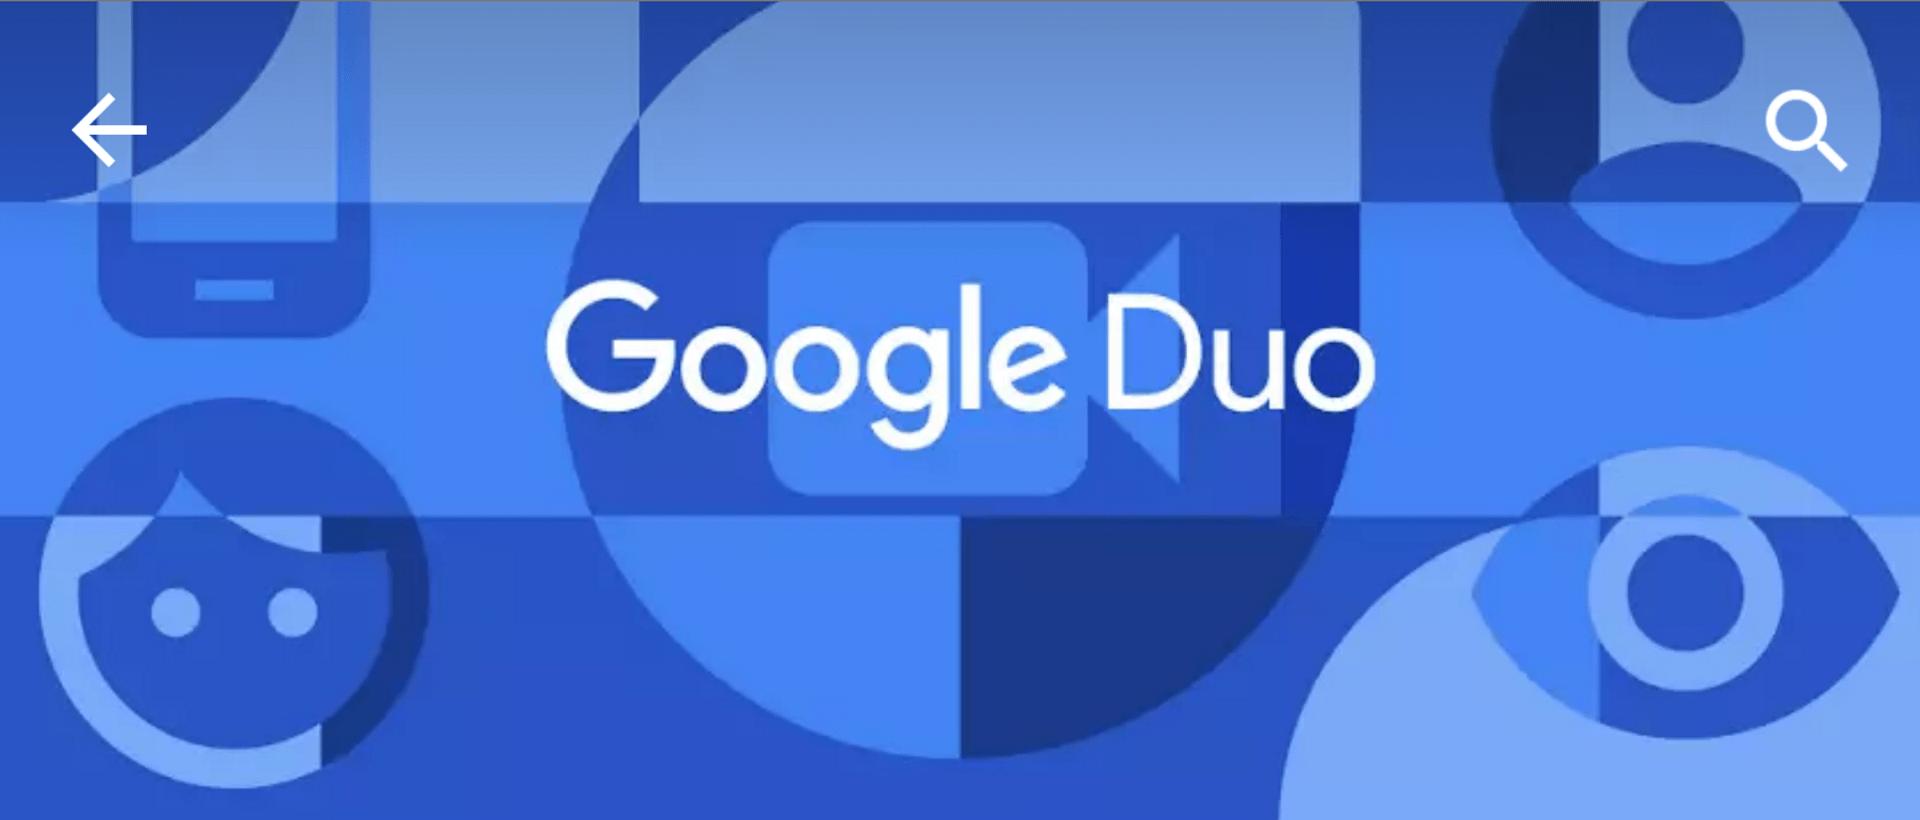 test de google duo l233ni232me tentative de google dans la